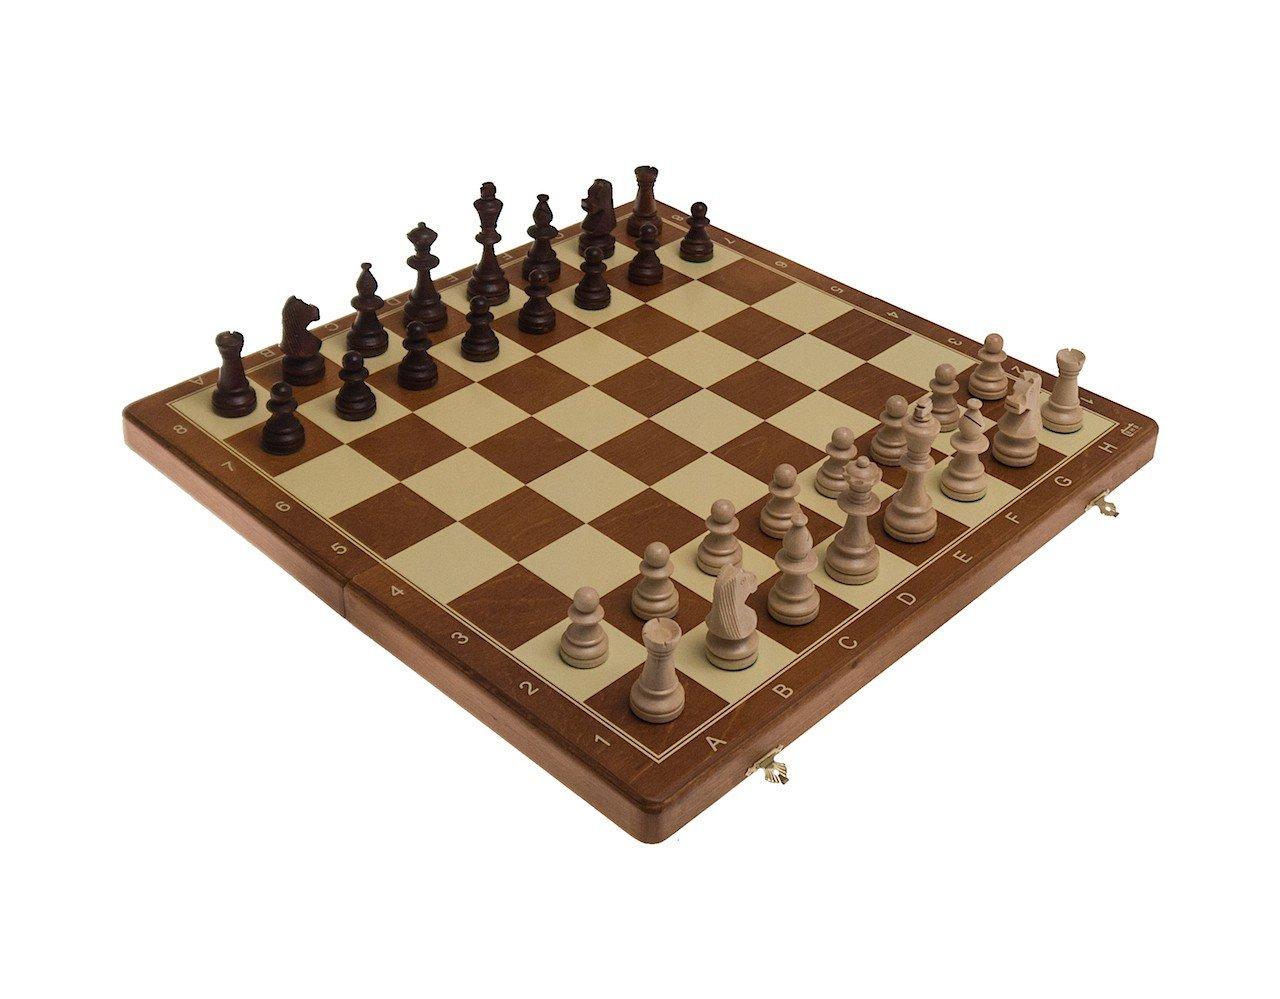 ROMBOL Schachkassette mit Randbeschriftung, FG 58 mm, KH 98 mm, Schachset mit Figuren, Holz, gewichtet